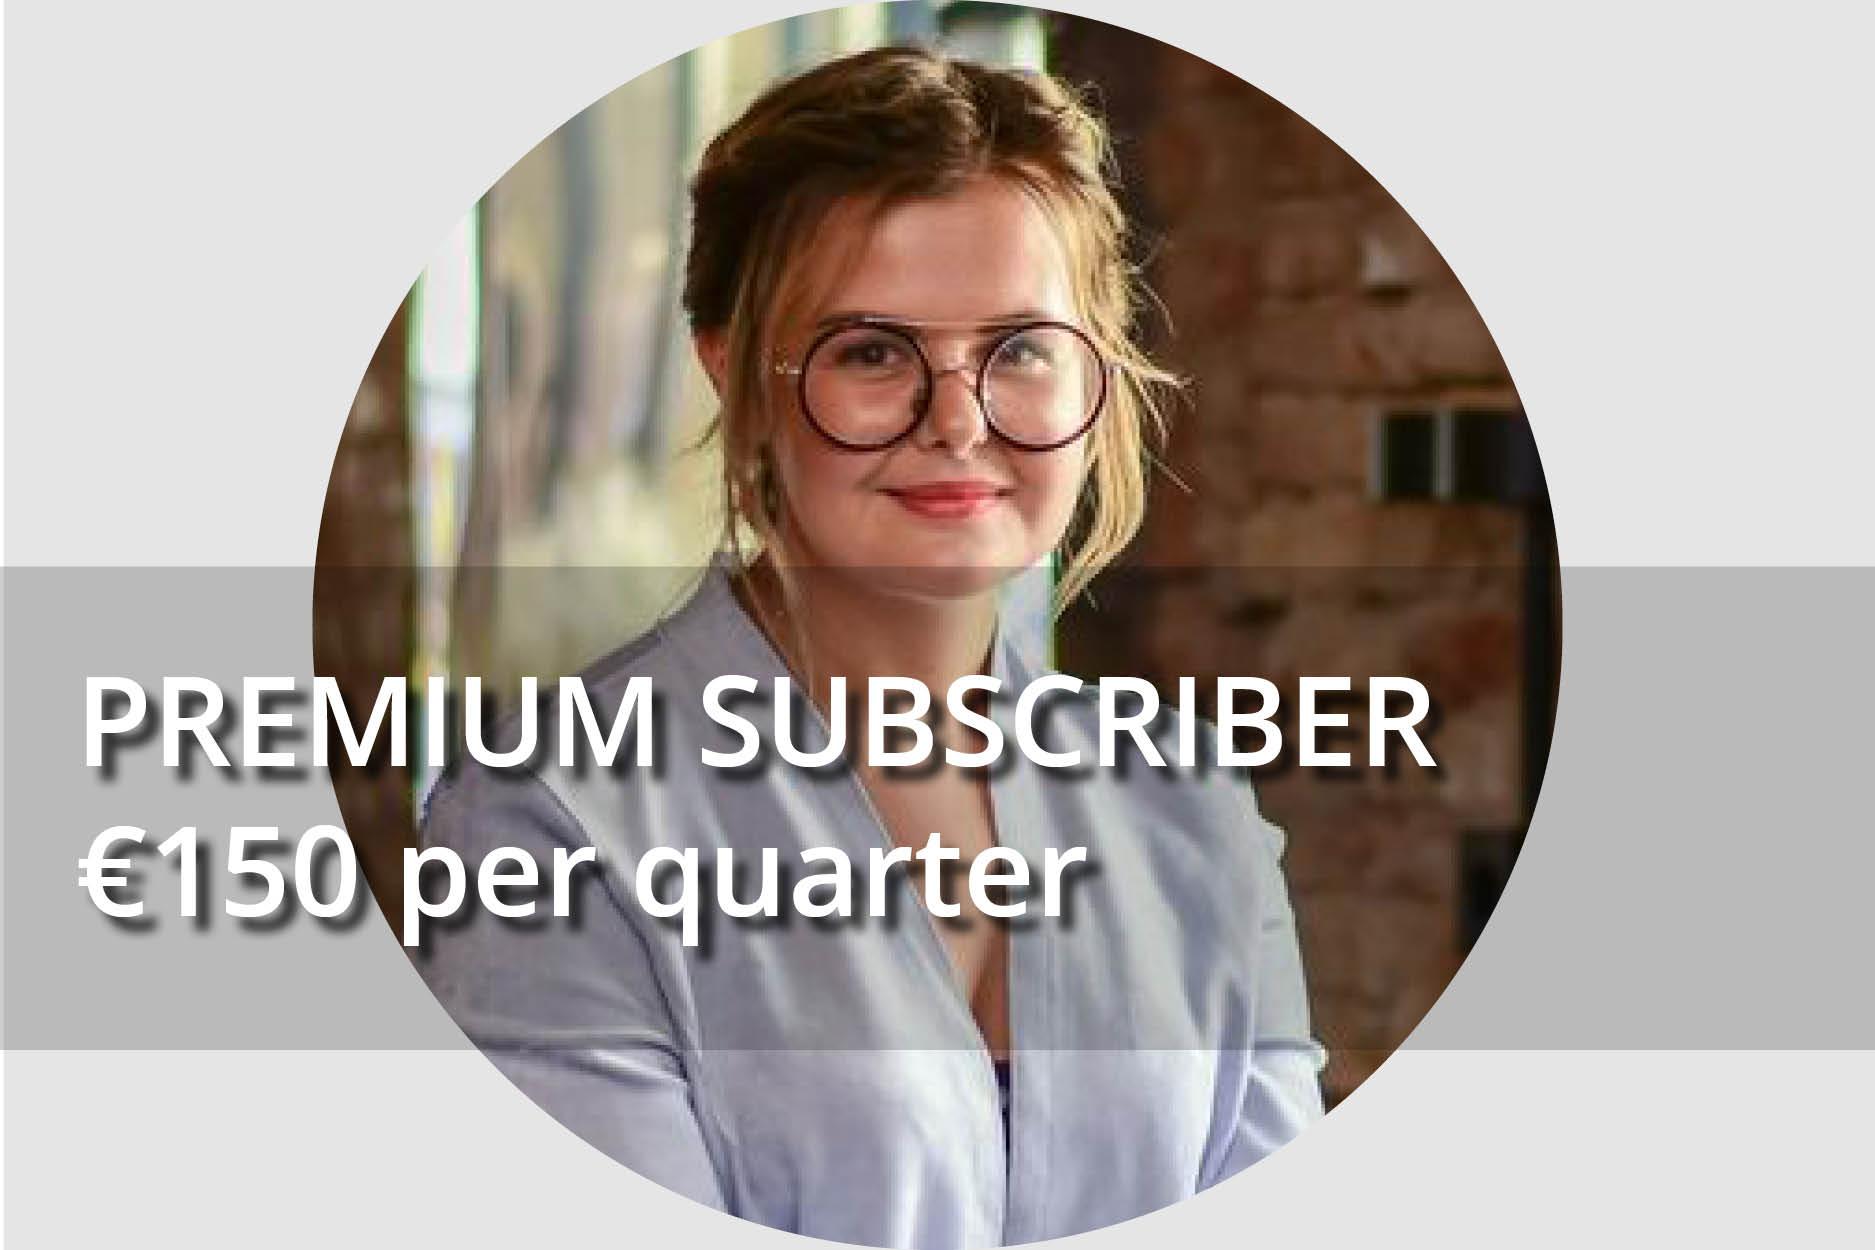 Premium_Subscriber